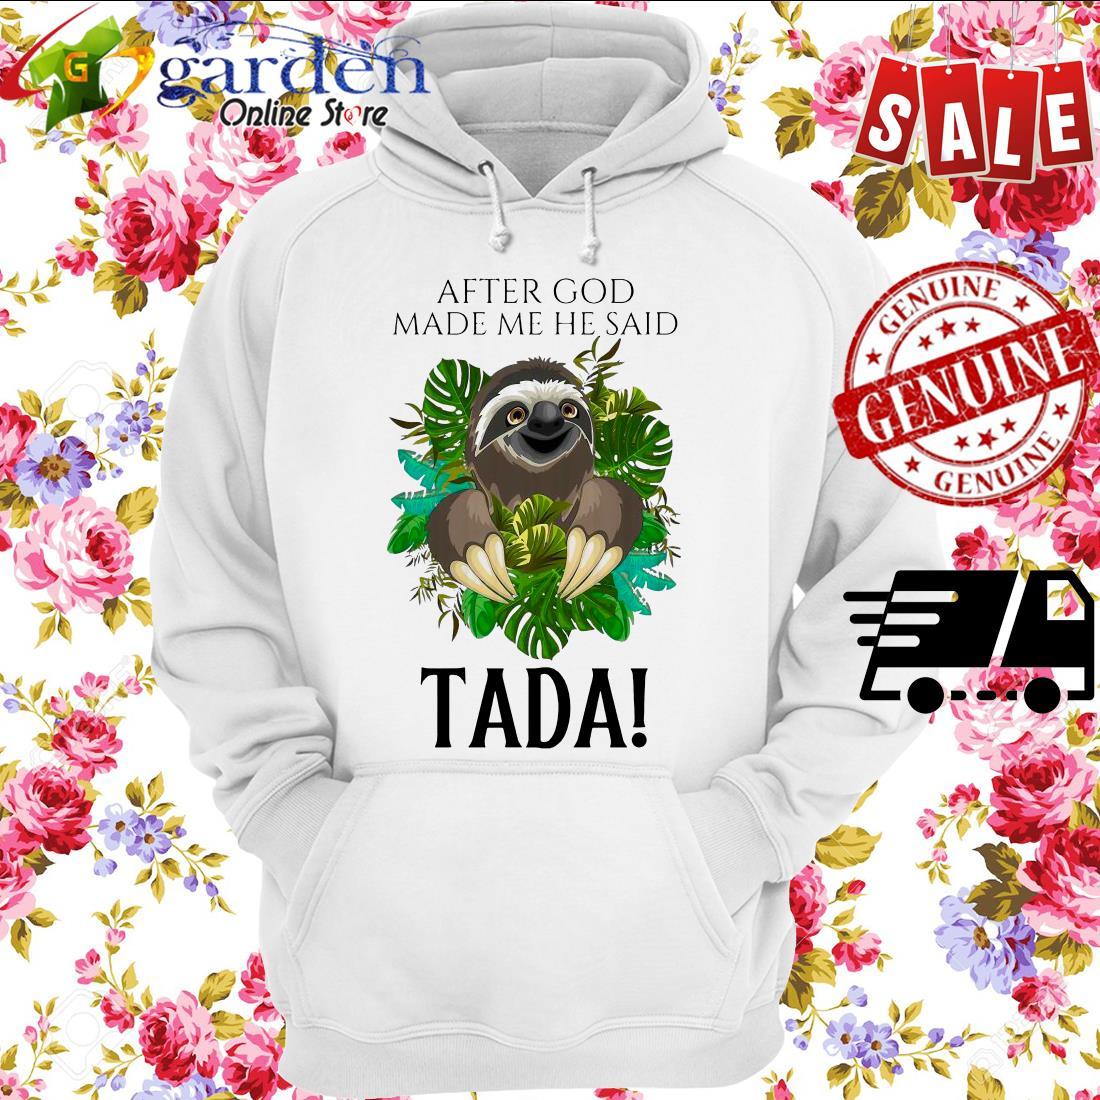 Sloth After God Made Me He Said Tada hoodie